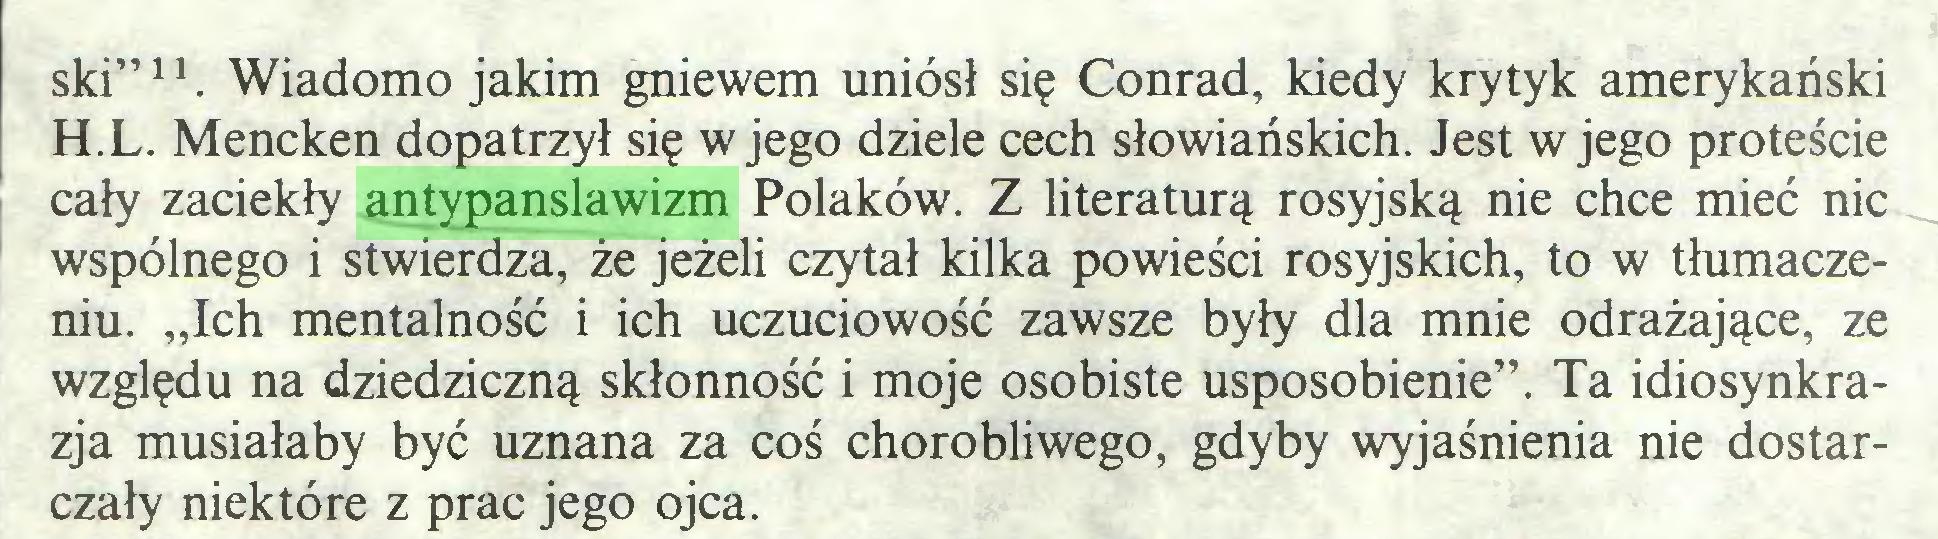 """(...) ski""""11. Wiadomo jakim gniewem uniósł się Conrad, kiedy krytyk amerykański H.L. Mencken dopatrzył się w jego dziele cech słowiańskich. Jest w jego proteście cały zaciekły antypanslawizm Polaków. Z literaturą rosyjską nie chce mieć nic wspólnego i stwierdza, że jeżeli czytał kilka powieści rosyjskich, to w tłumaczeniu. """"Ich mentalność i ich uczuciowość zawsze były dla mnie odrażające, ze względu na dziedziczną skłonność i moje osobiste usposobienie"""". Ta idiosynkrazja musiałaby być uznana za coś chorobliwego, gdyby wyjaśnienia nie dostarczały niektóre z prac jego ojca..."""